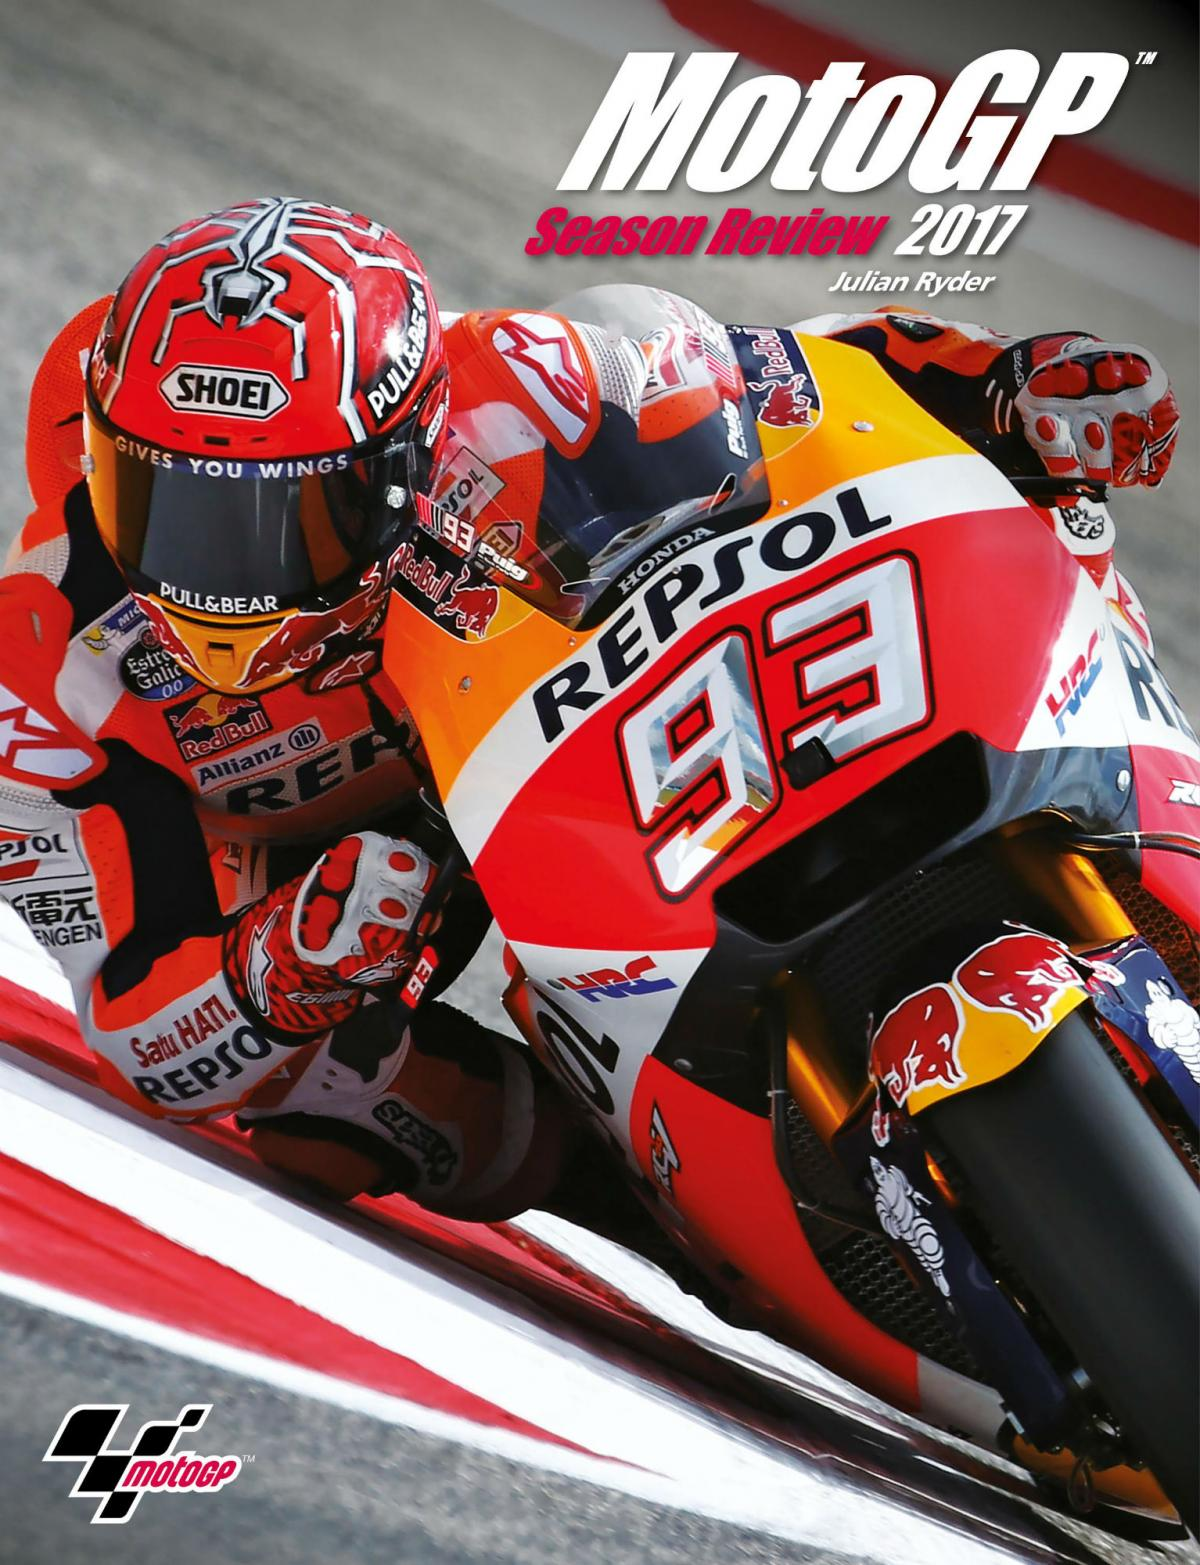 MotoGP Season Review 2017 hits book shelves